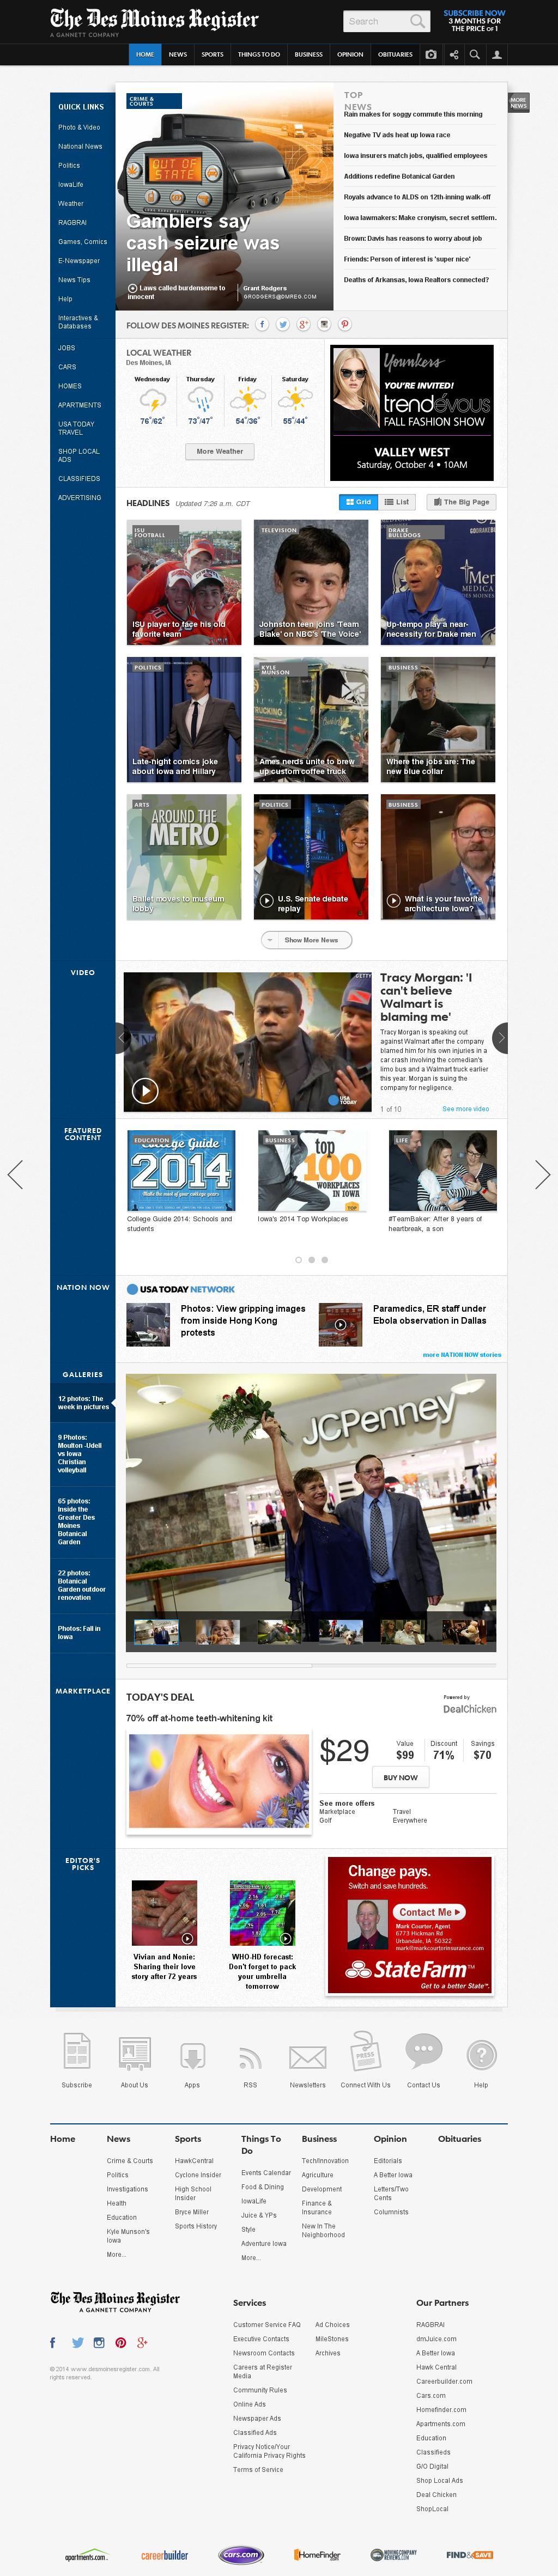 DesMoinesRegister.com at Wednesday Oct. 1, 2014, 1:03 p.m. UTC